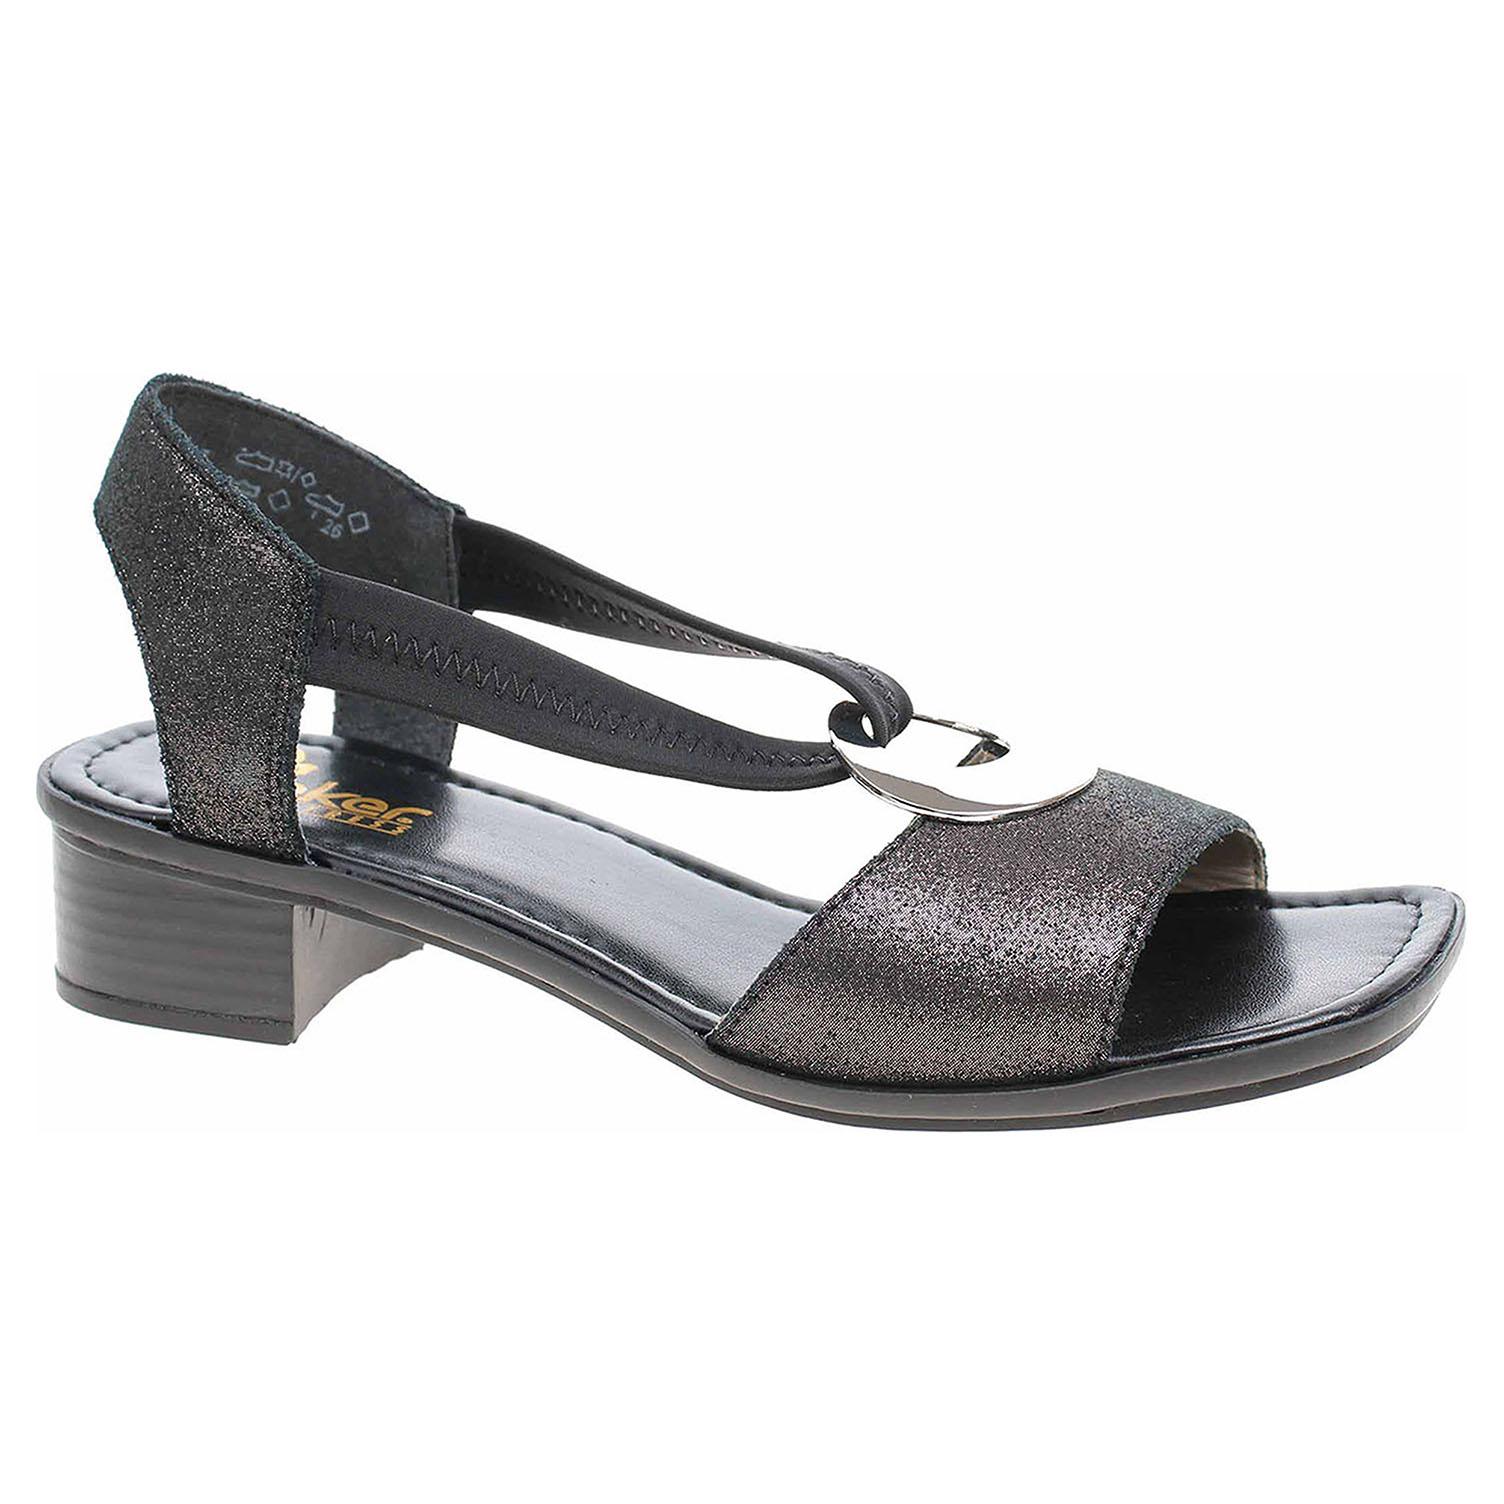 1e1532195e05 detail Dámske sandále Rieker 62662-03 schwarz